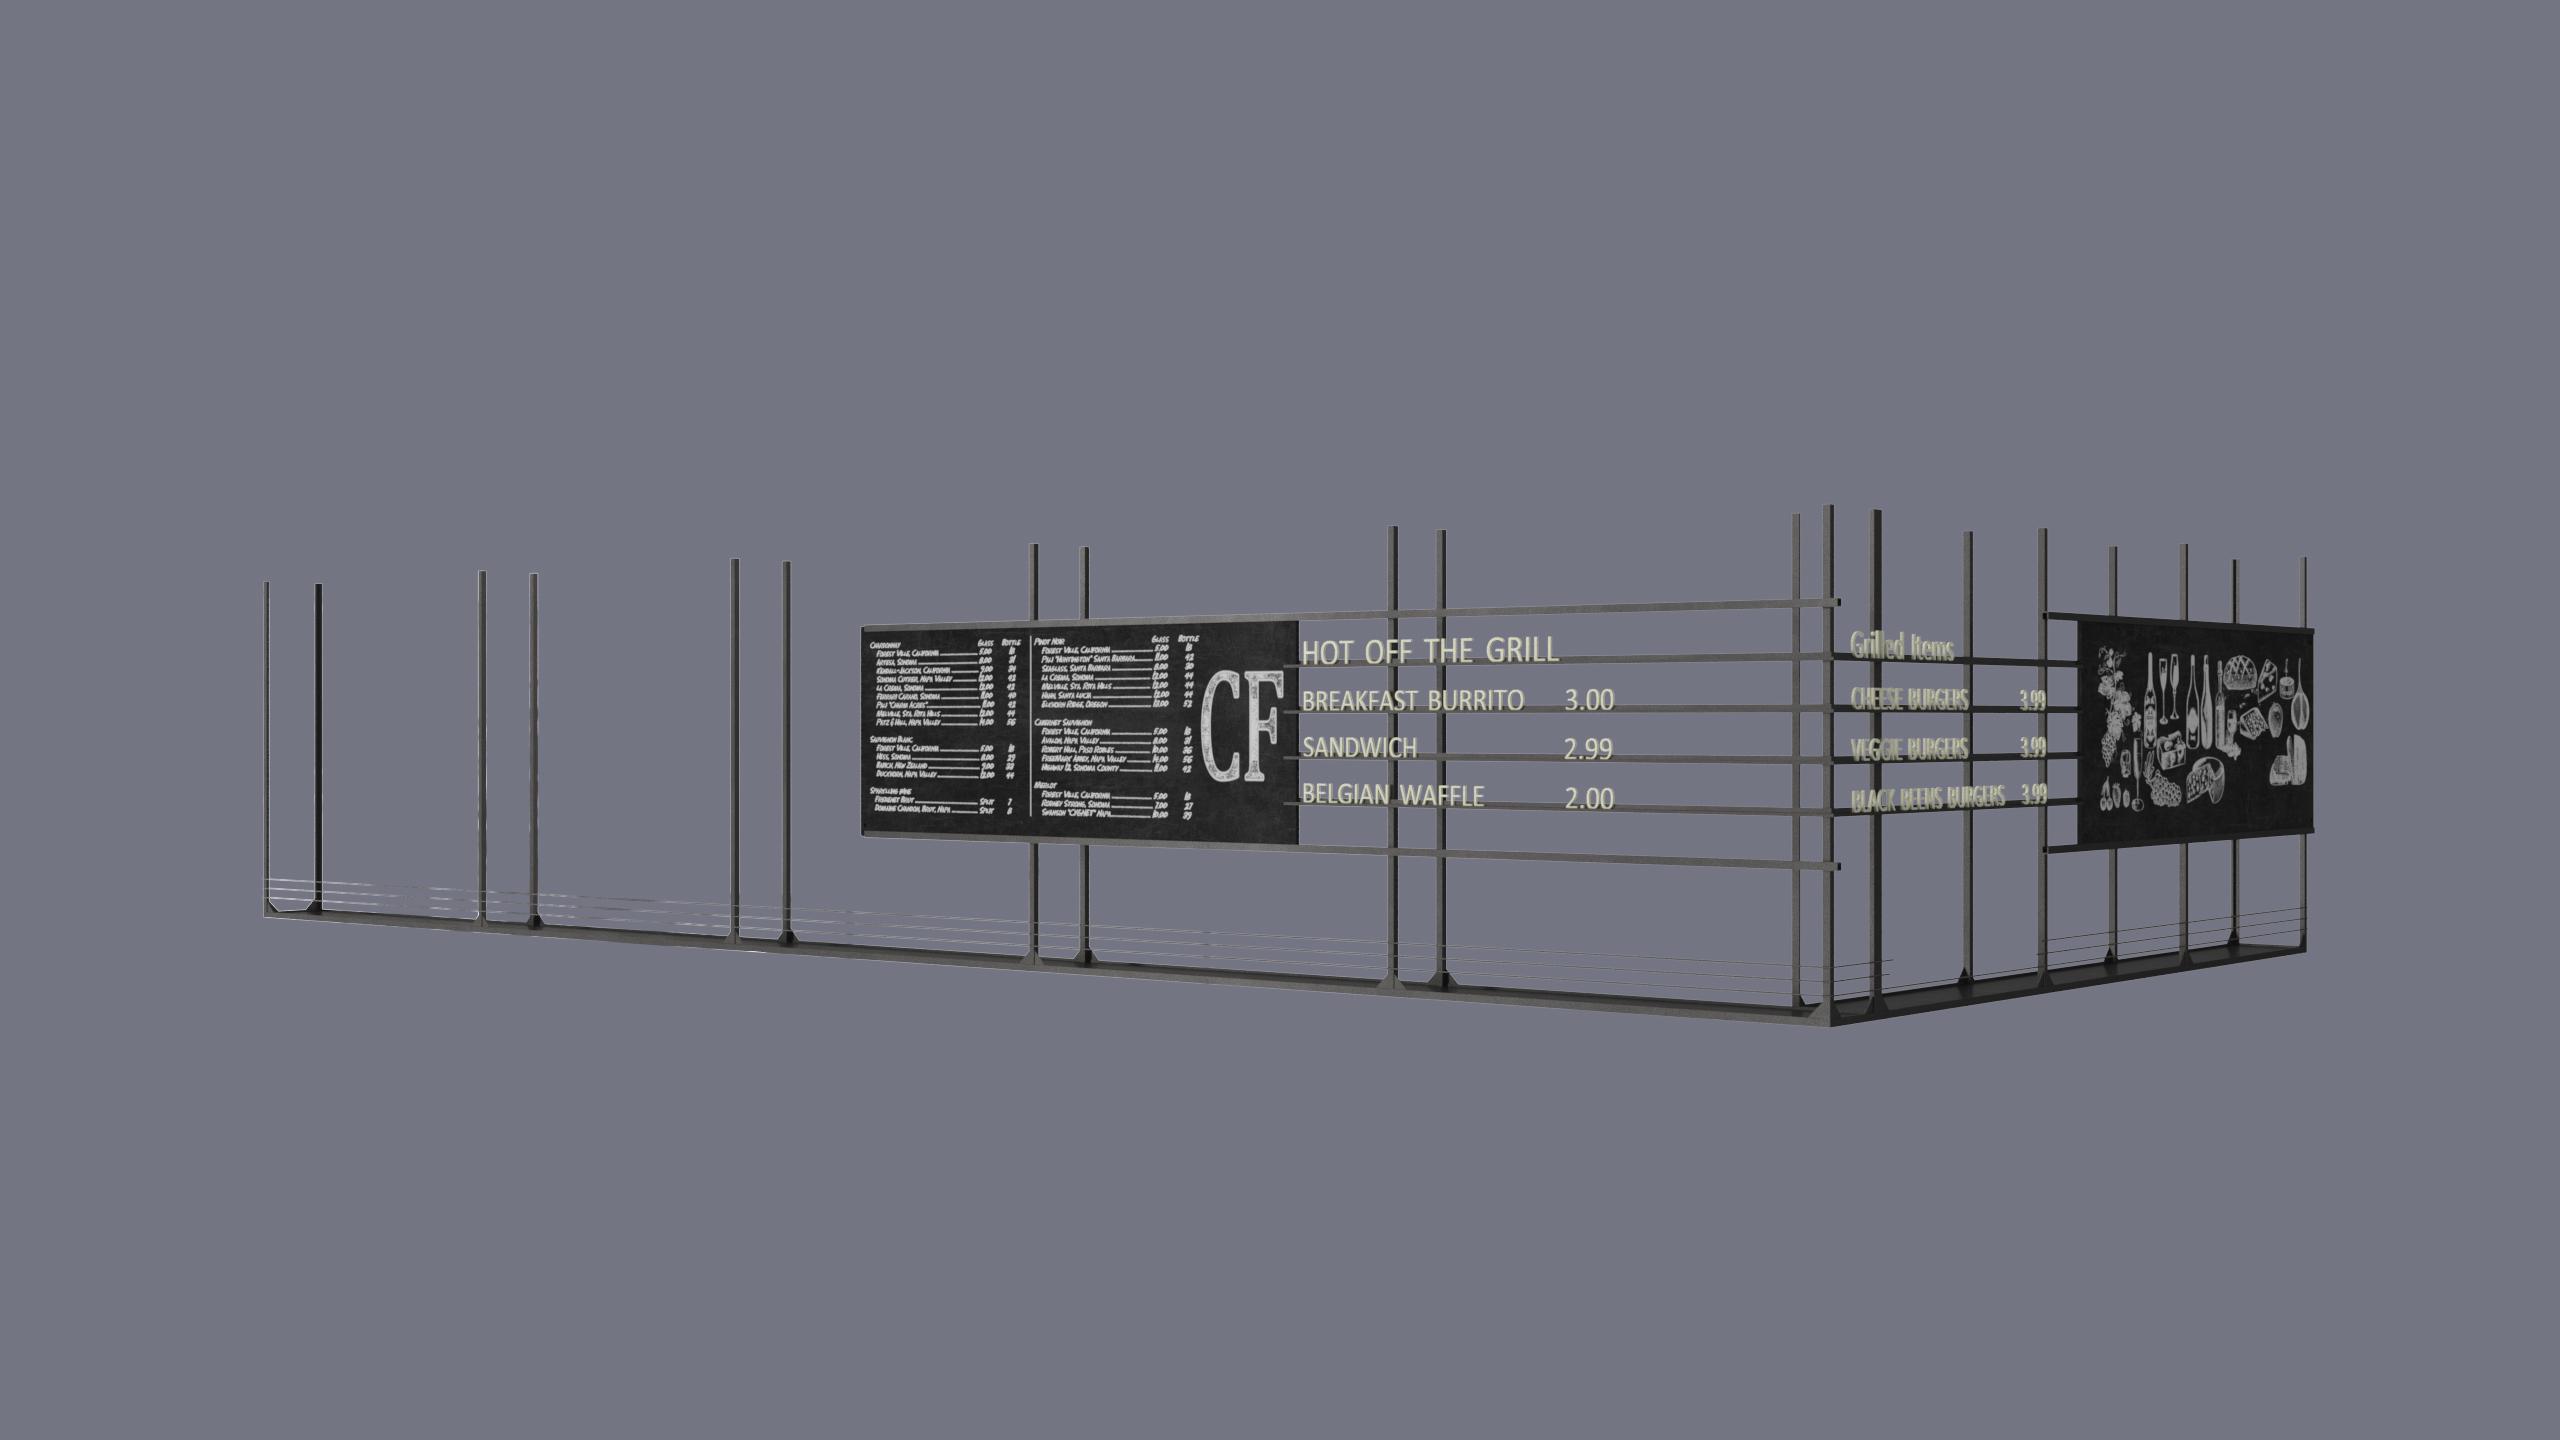 3D Modeling for a Menu Board Design